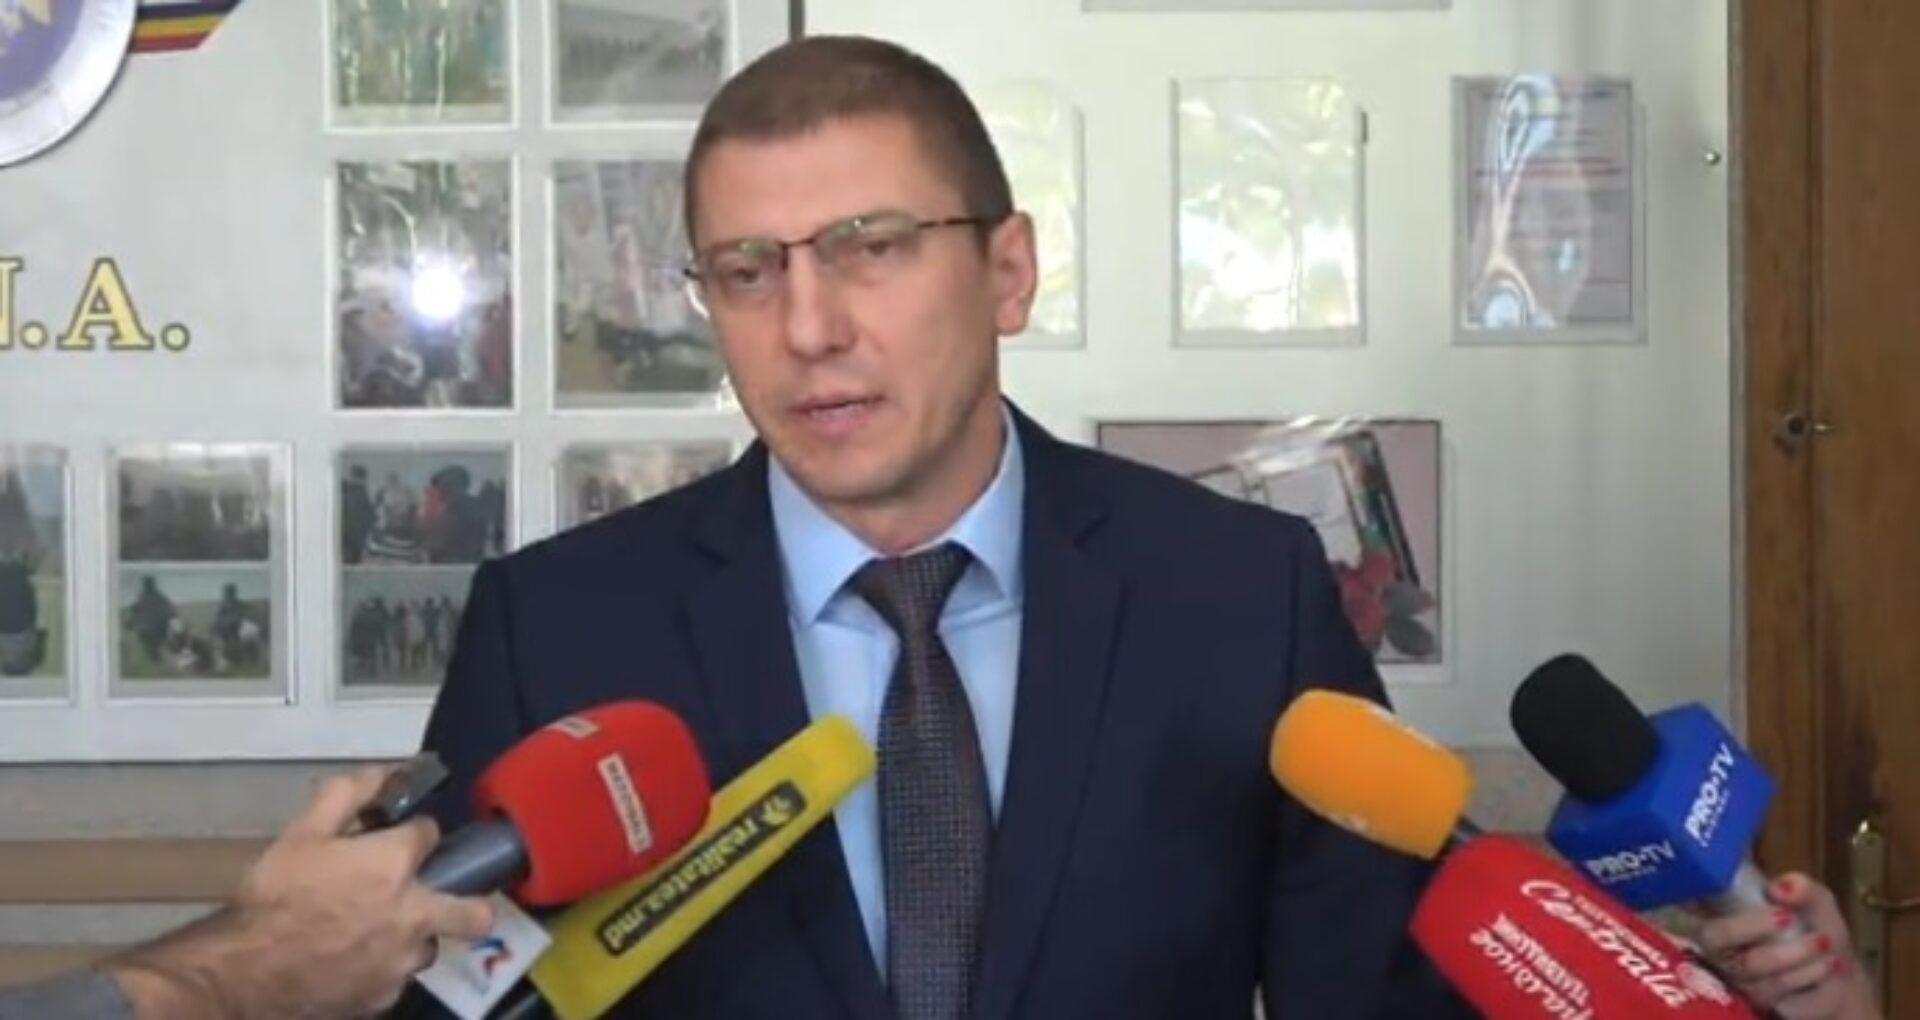 Veaceslav Platon solicită despăgubiri de 300 de milioane de dolari de la Viorel Morari fostul șef al PA